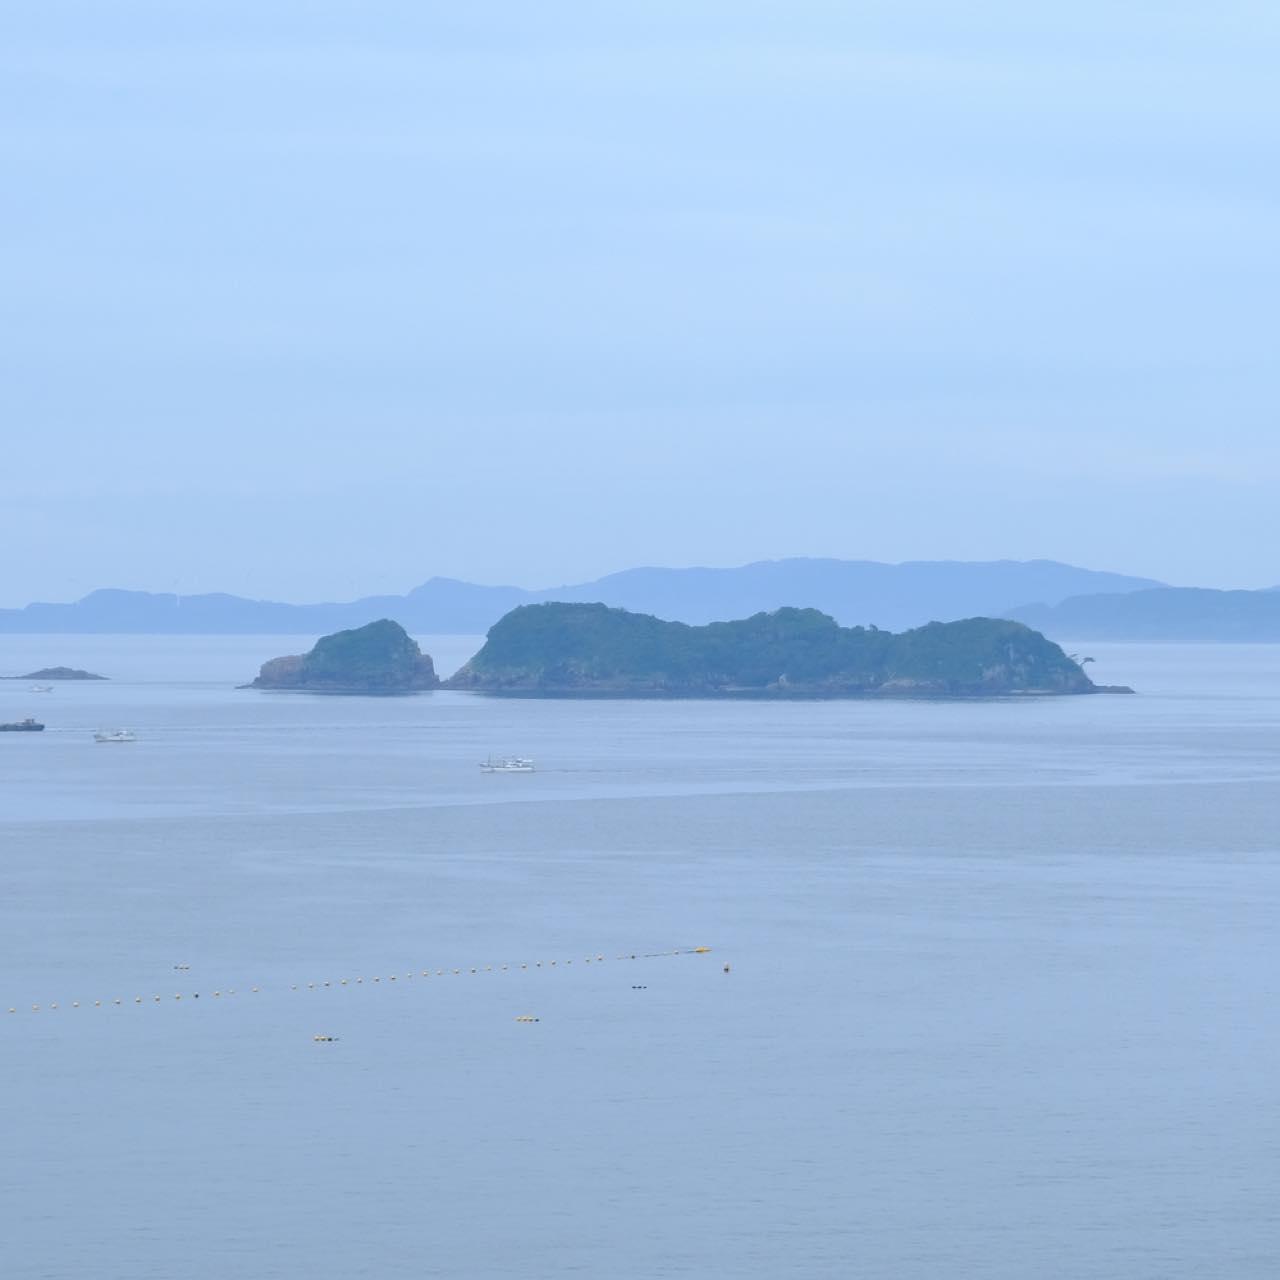 画像: こちらが世界遺産構成資産、無人島の「中江ノ島」です。この島では生月島の信者が殉教しました。殉教者の中の一人ヨハネ(ジュワン)坂本左衛門の名にちなみ、信者はこの島のことを「サンジュワン(St.ヨハネの意)様」と呼びます。